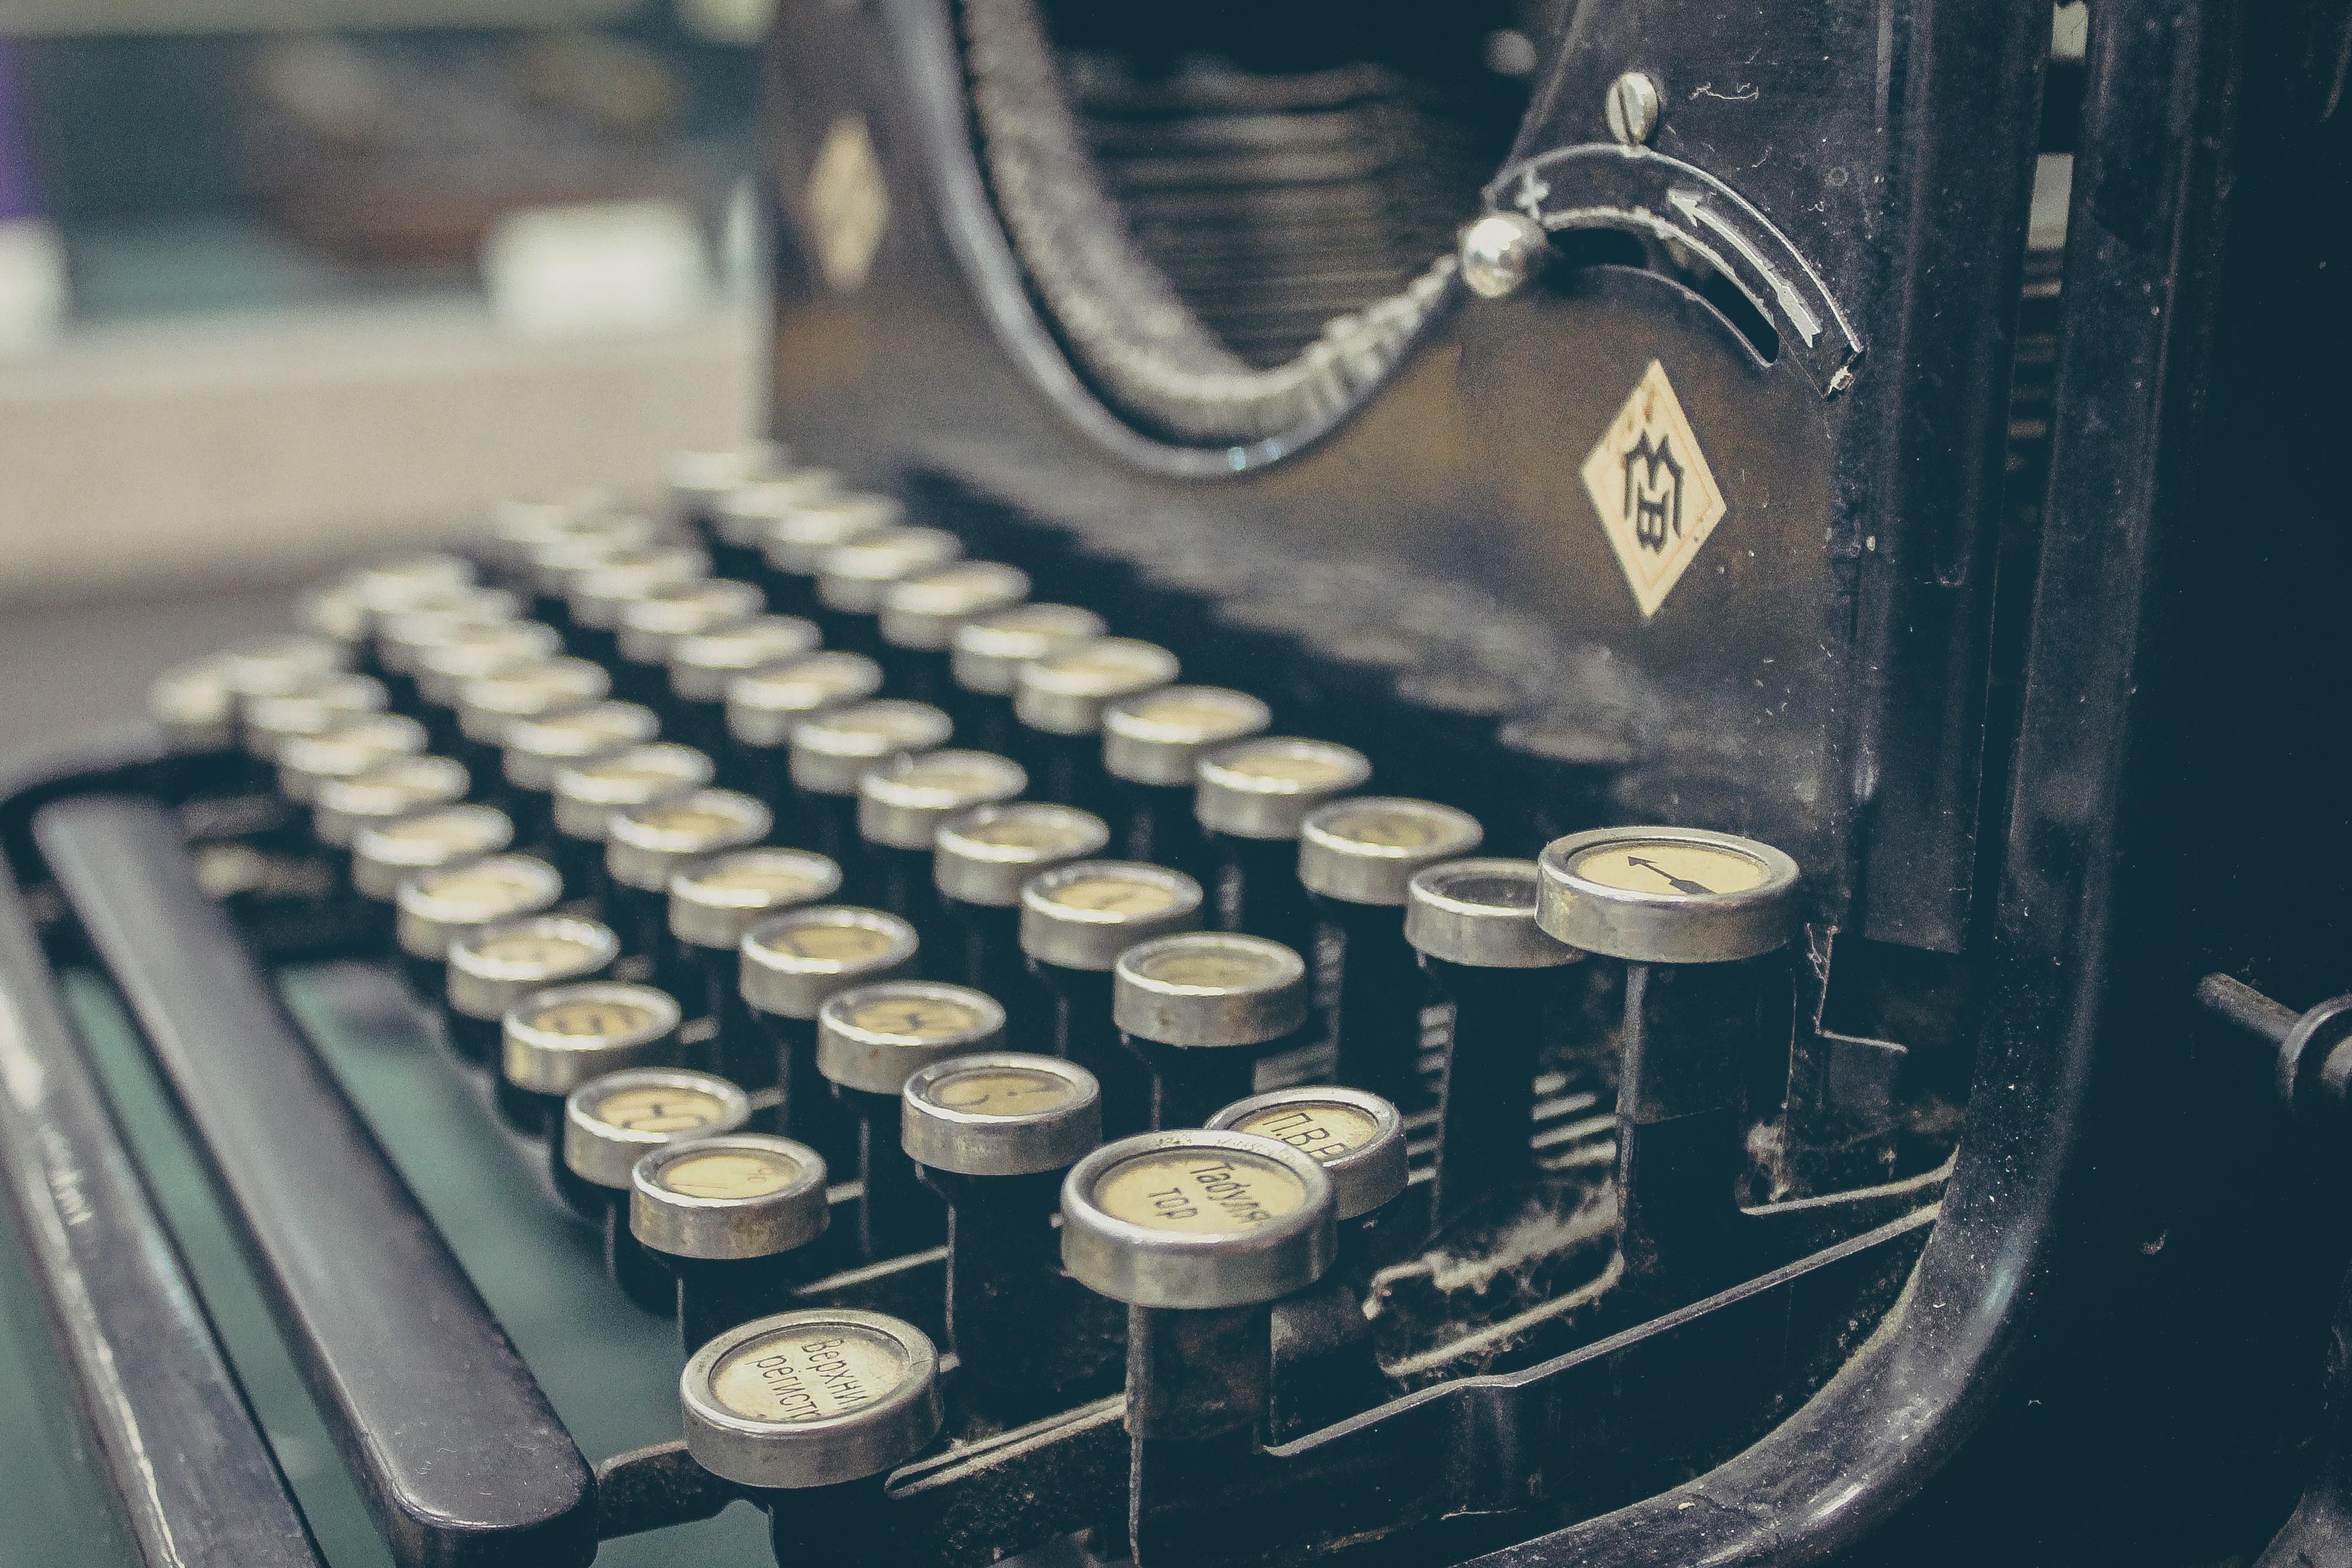 1.typewriter